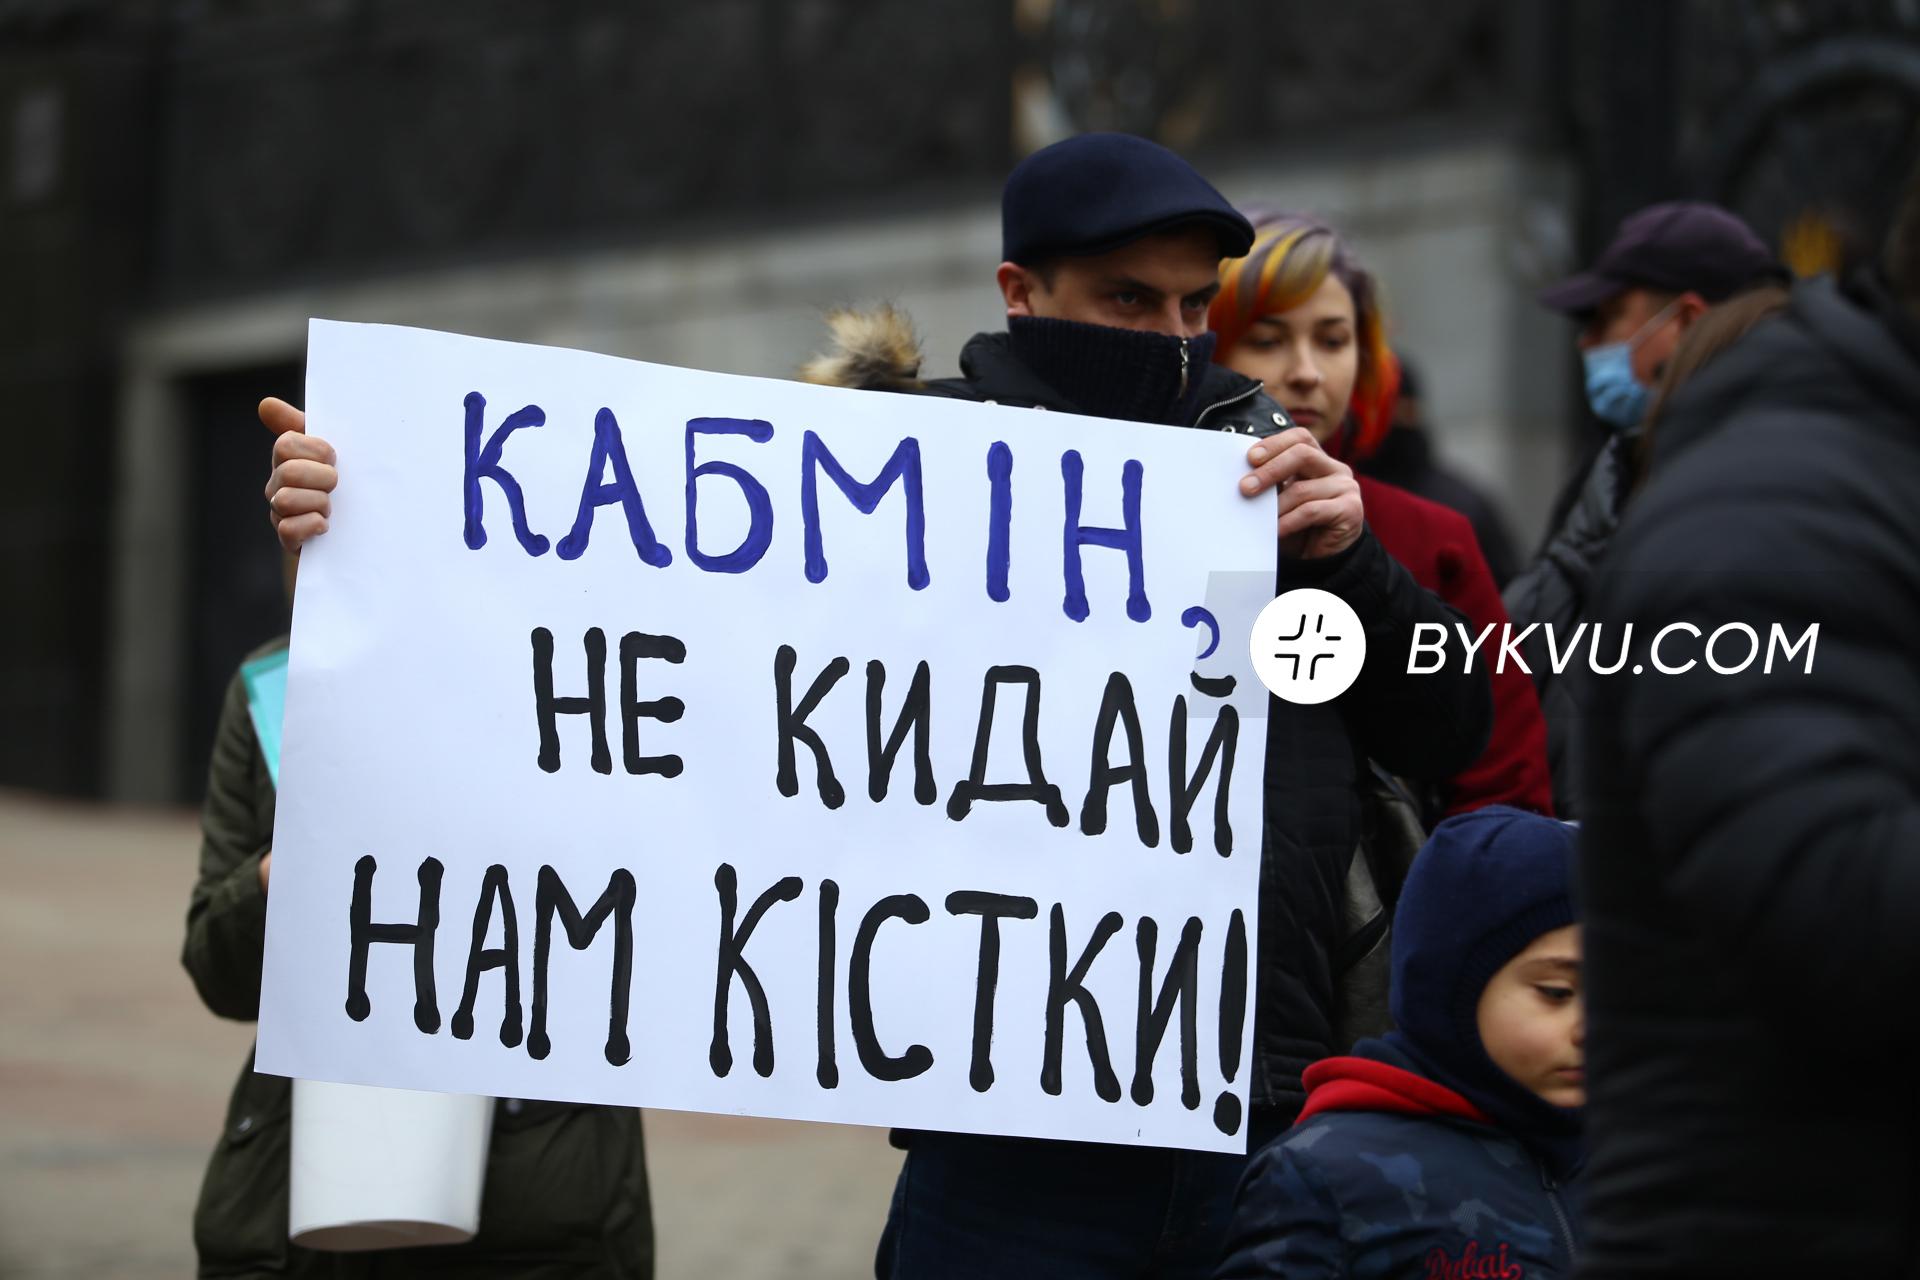 Кабмін_акція_Шерембей_кістки